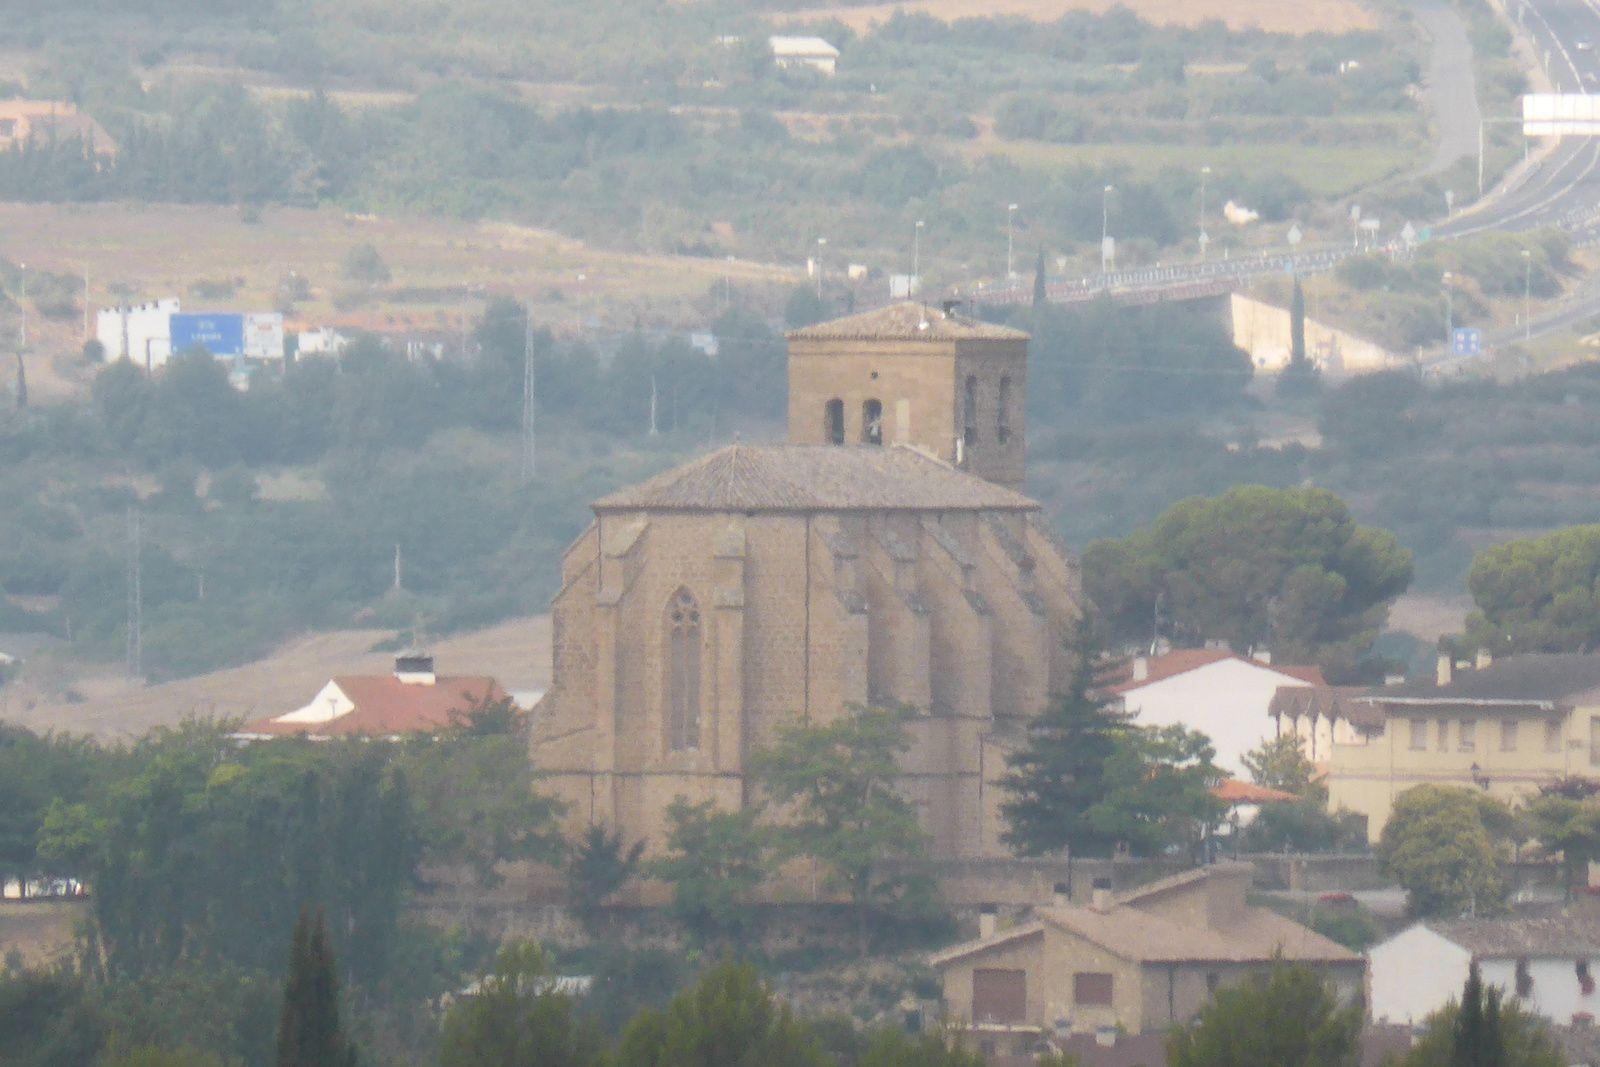 Nous partons de Lorca au petit matin, Bernard prend les devants et guide Pascaline grâce à sa canne blanche, Brigitte est devant, au loin nous apercevons l'église de l'ascuncion du 12e siècle.